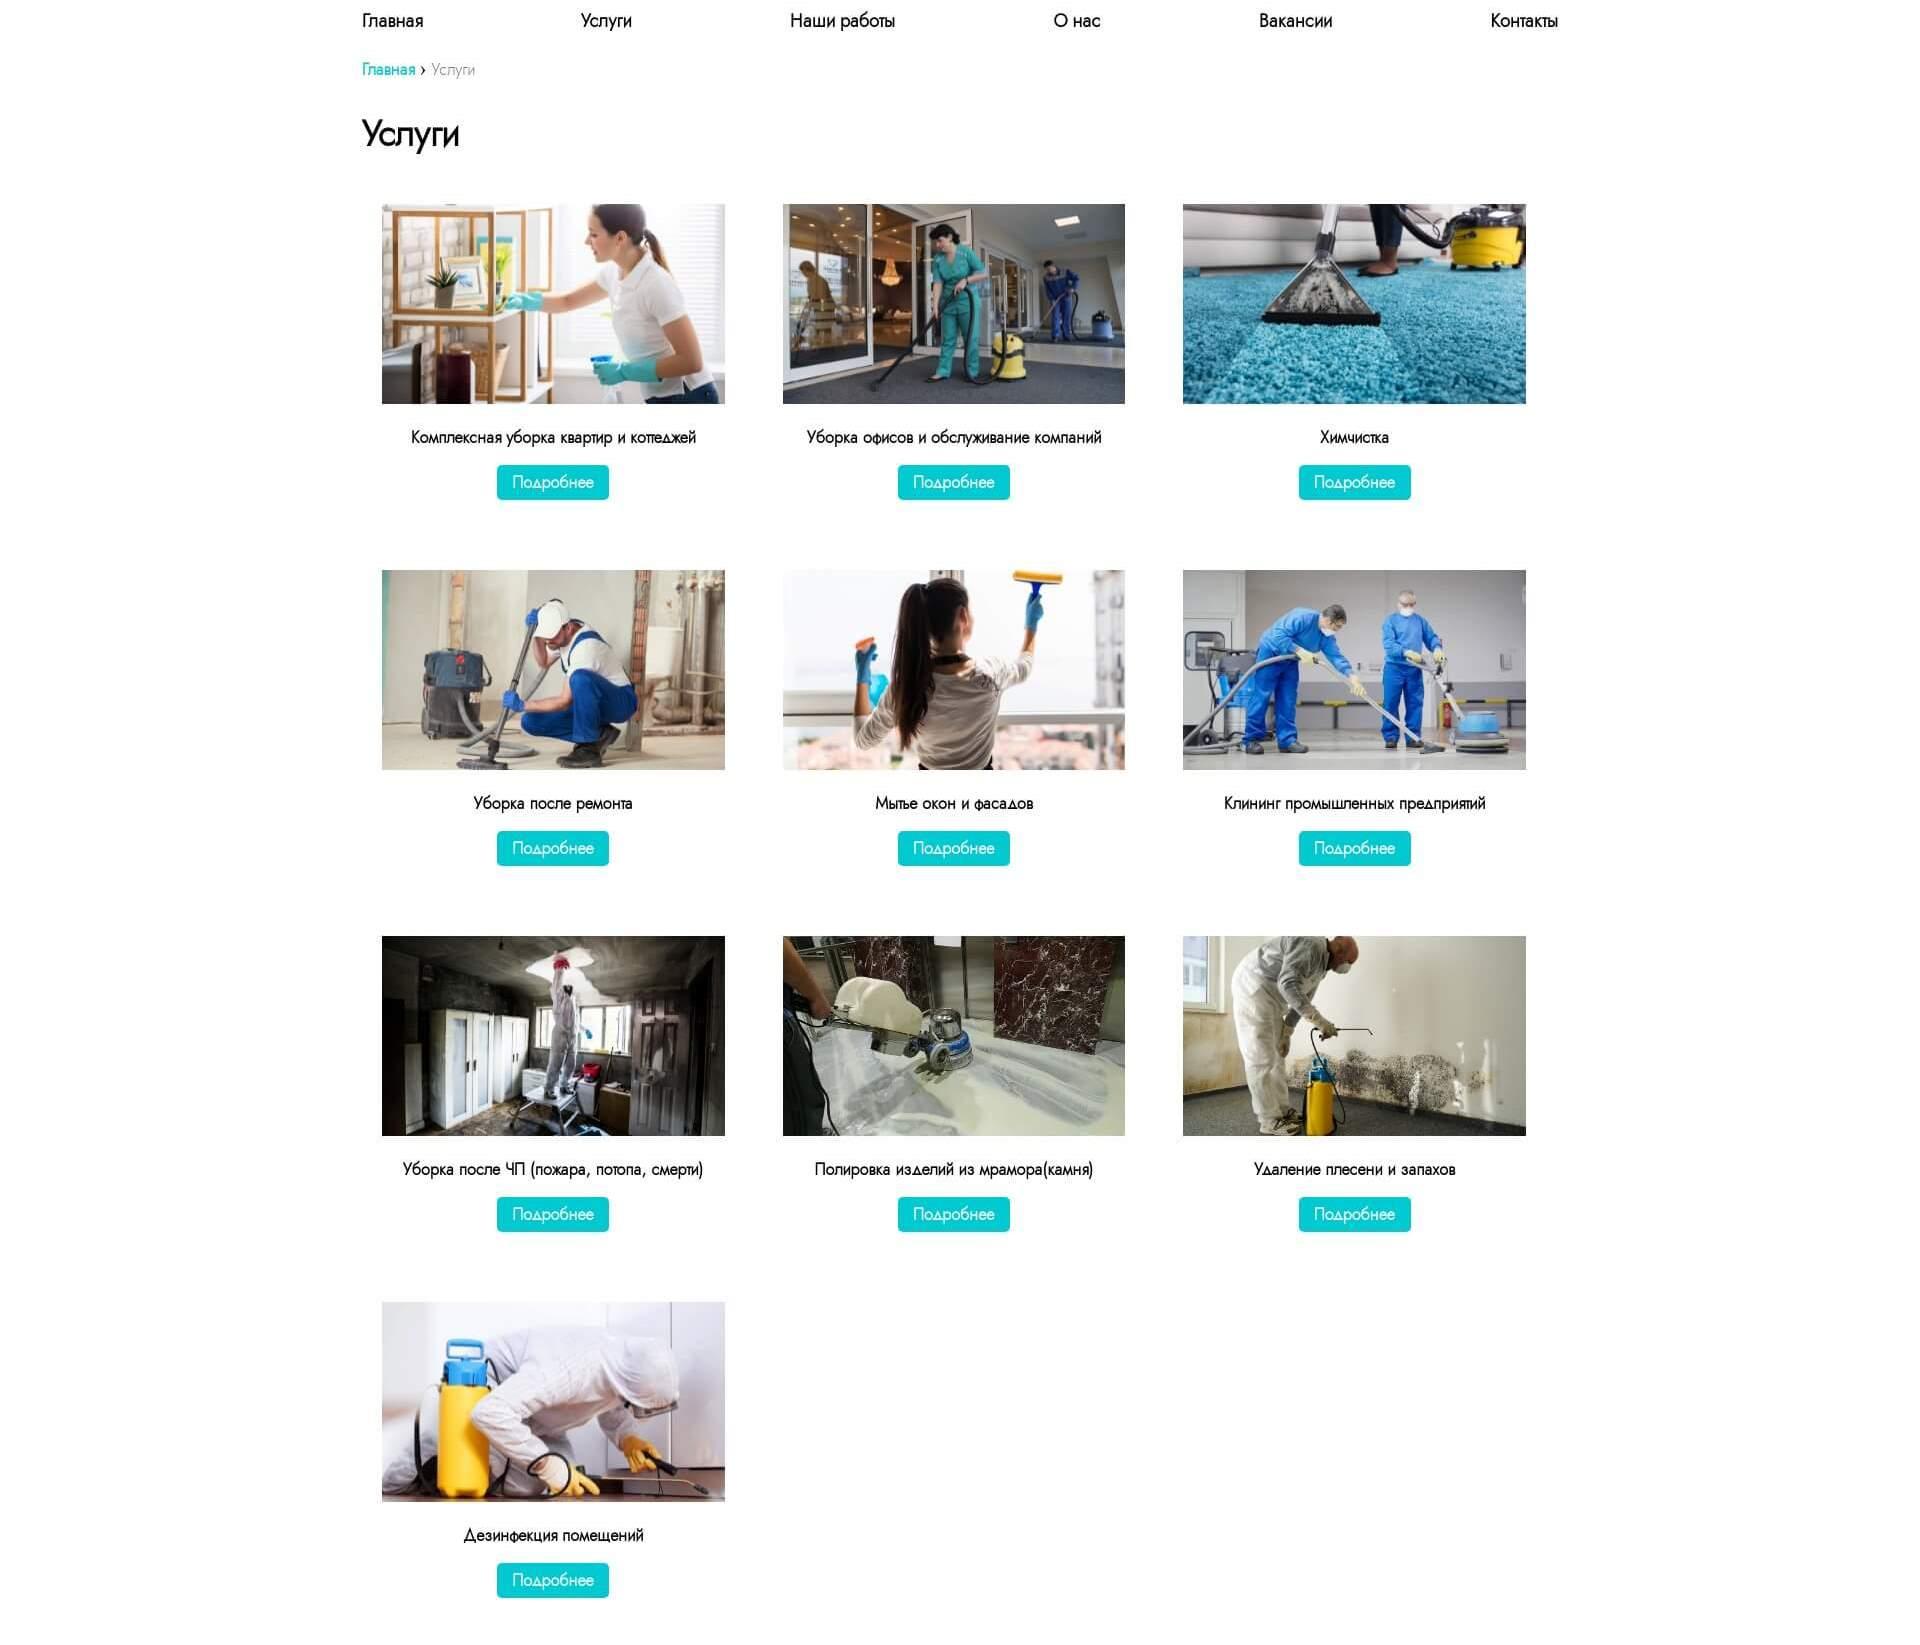 Скриншот №2 страницы сайта во весь экран. Сайт для клининговой компании